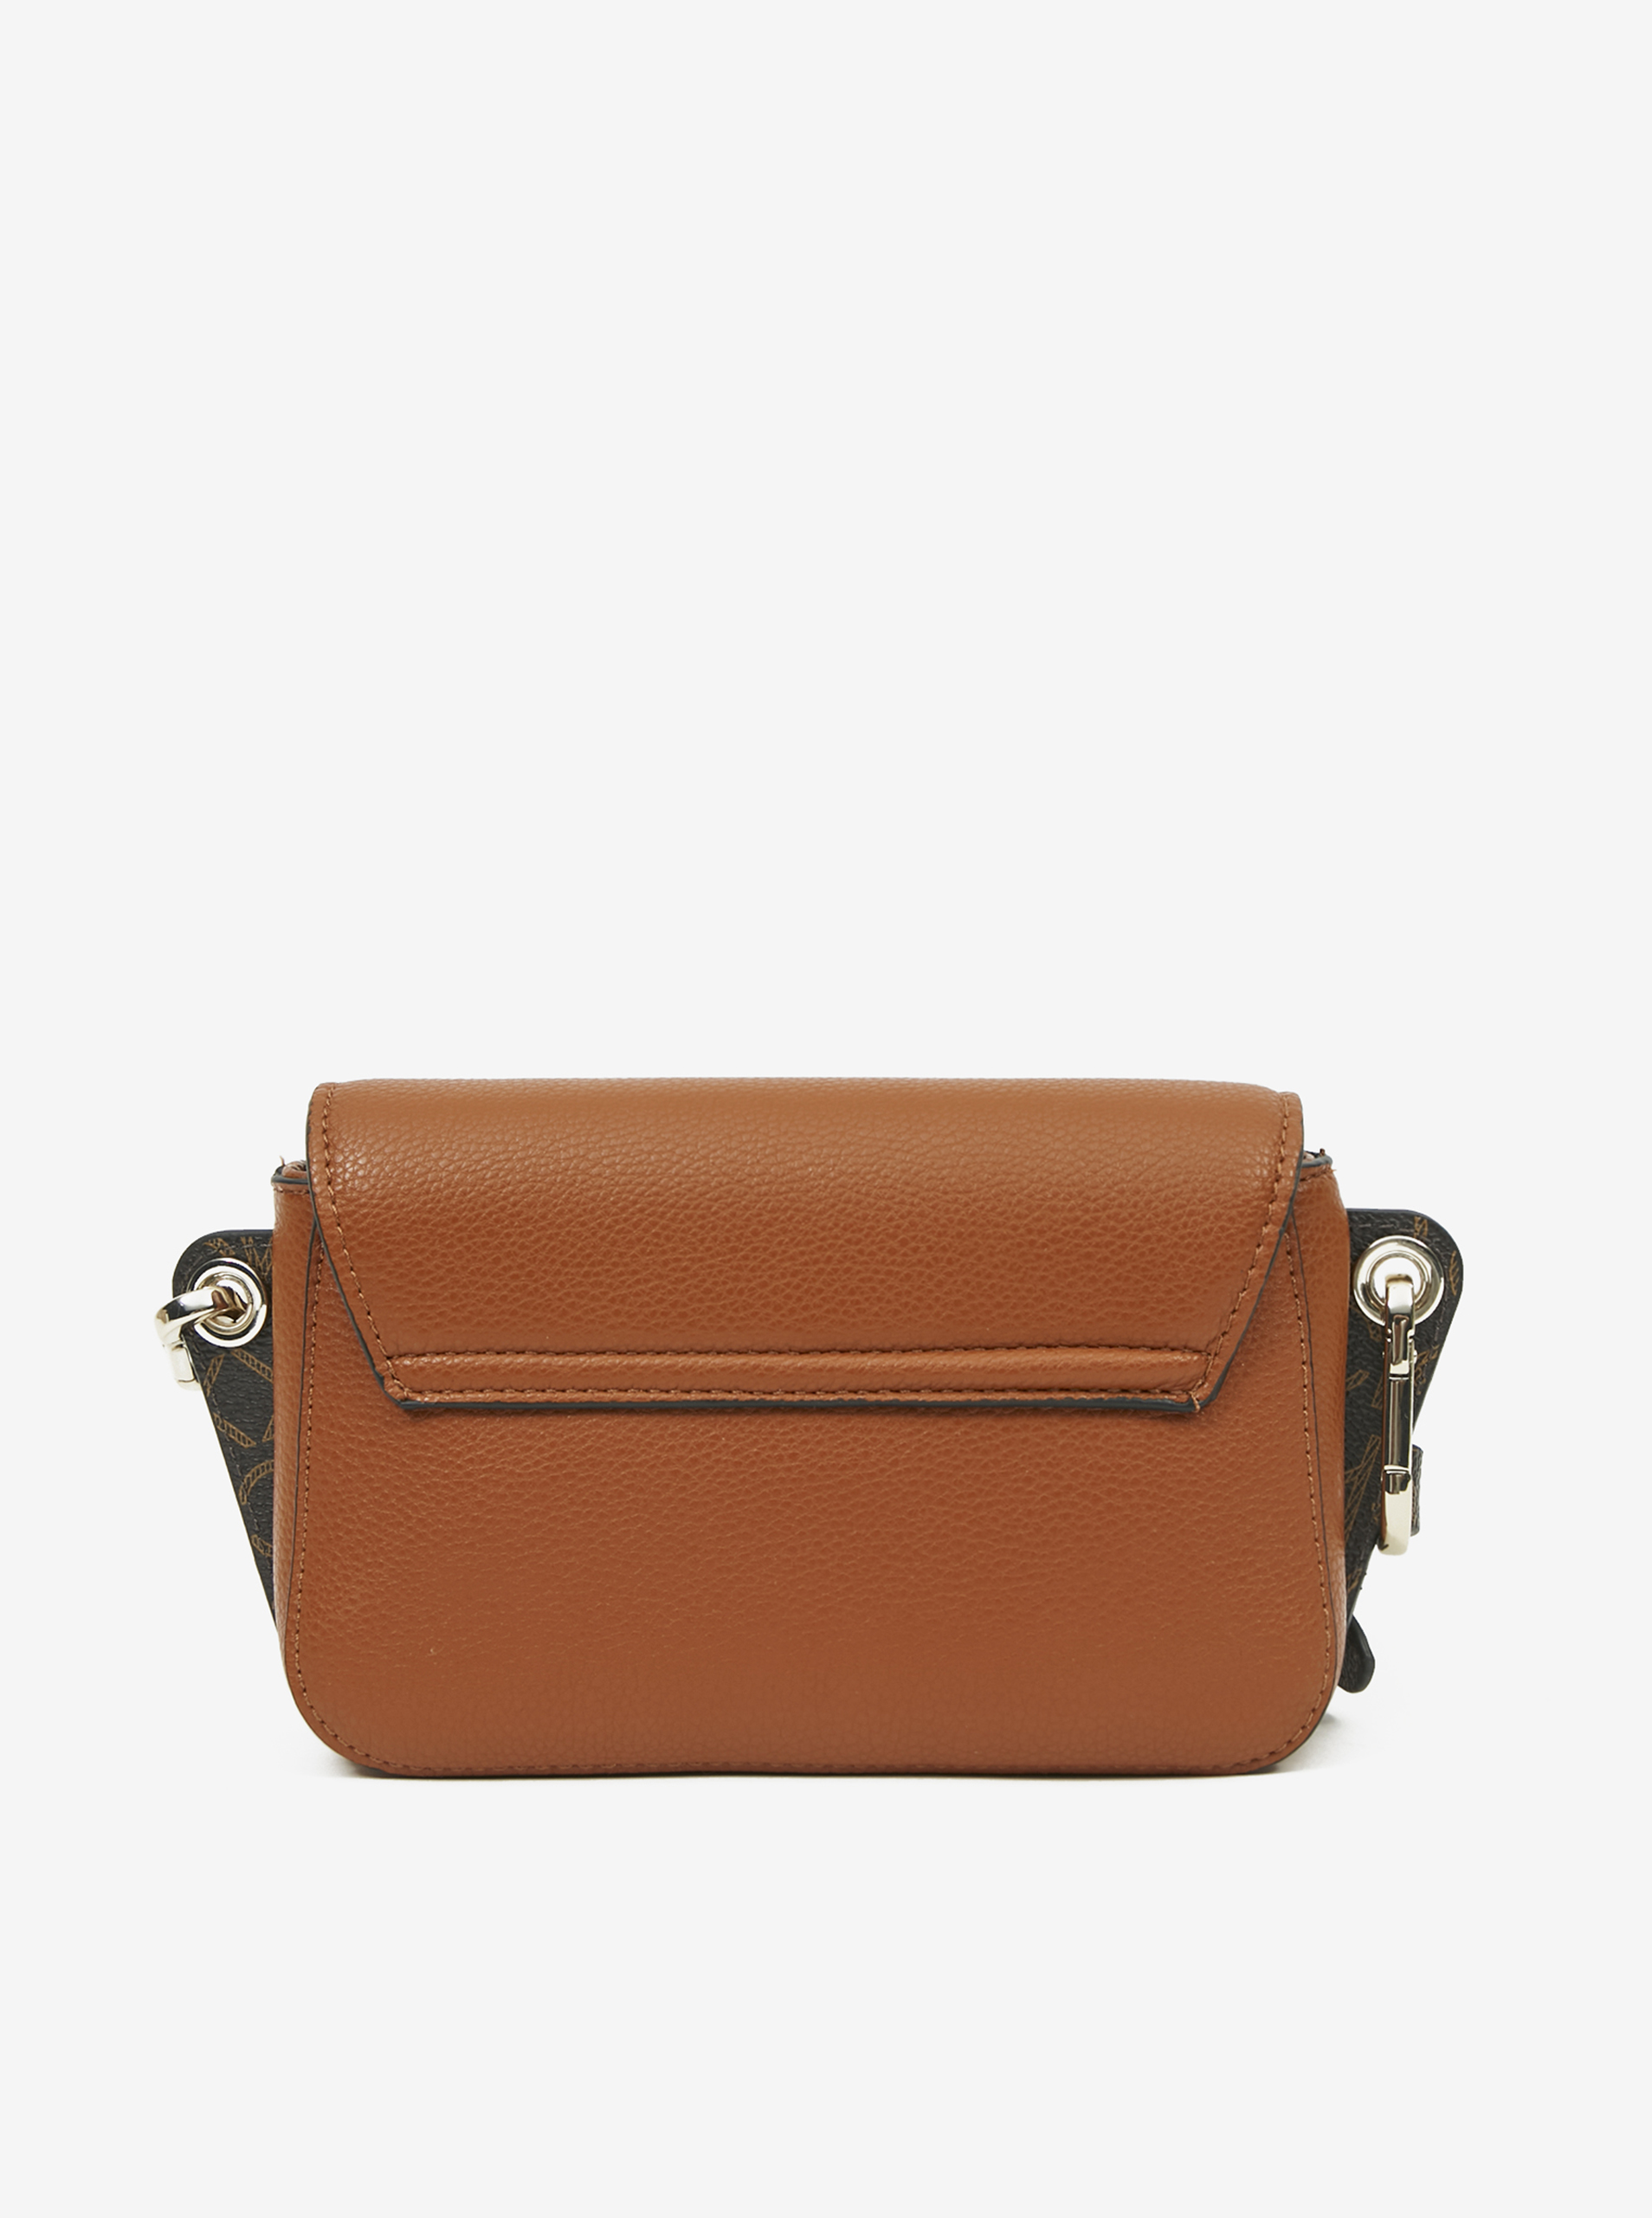 Calvin Klein brown crossbody handbag